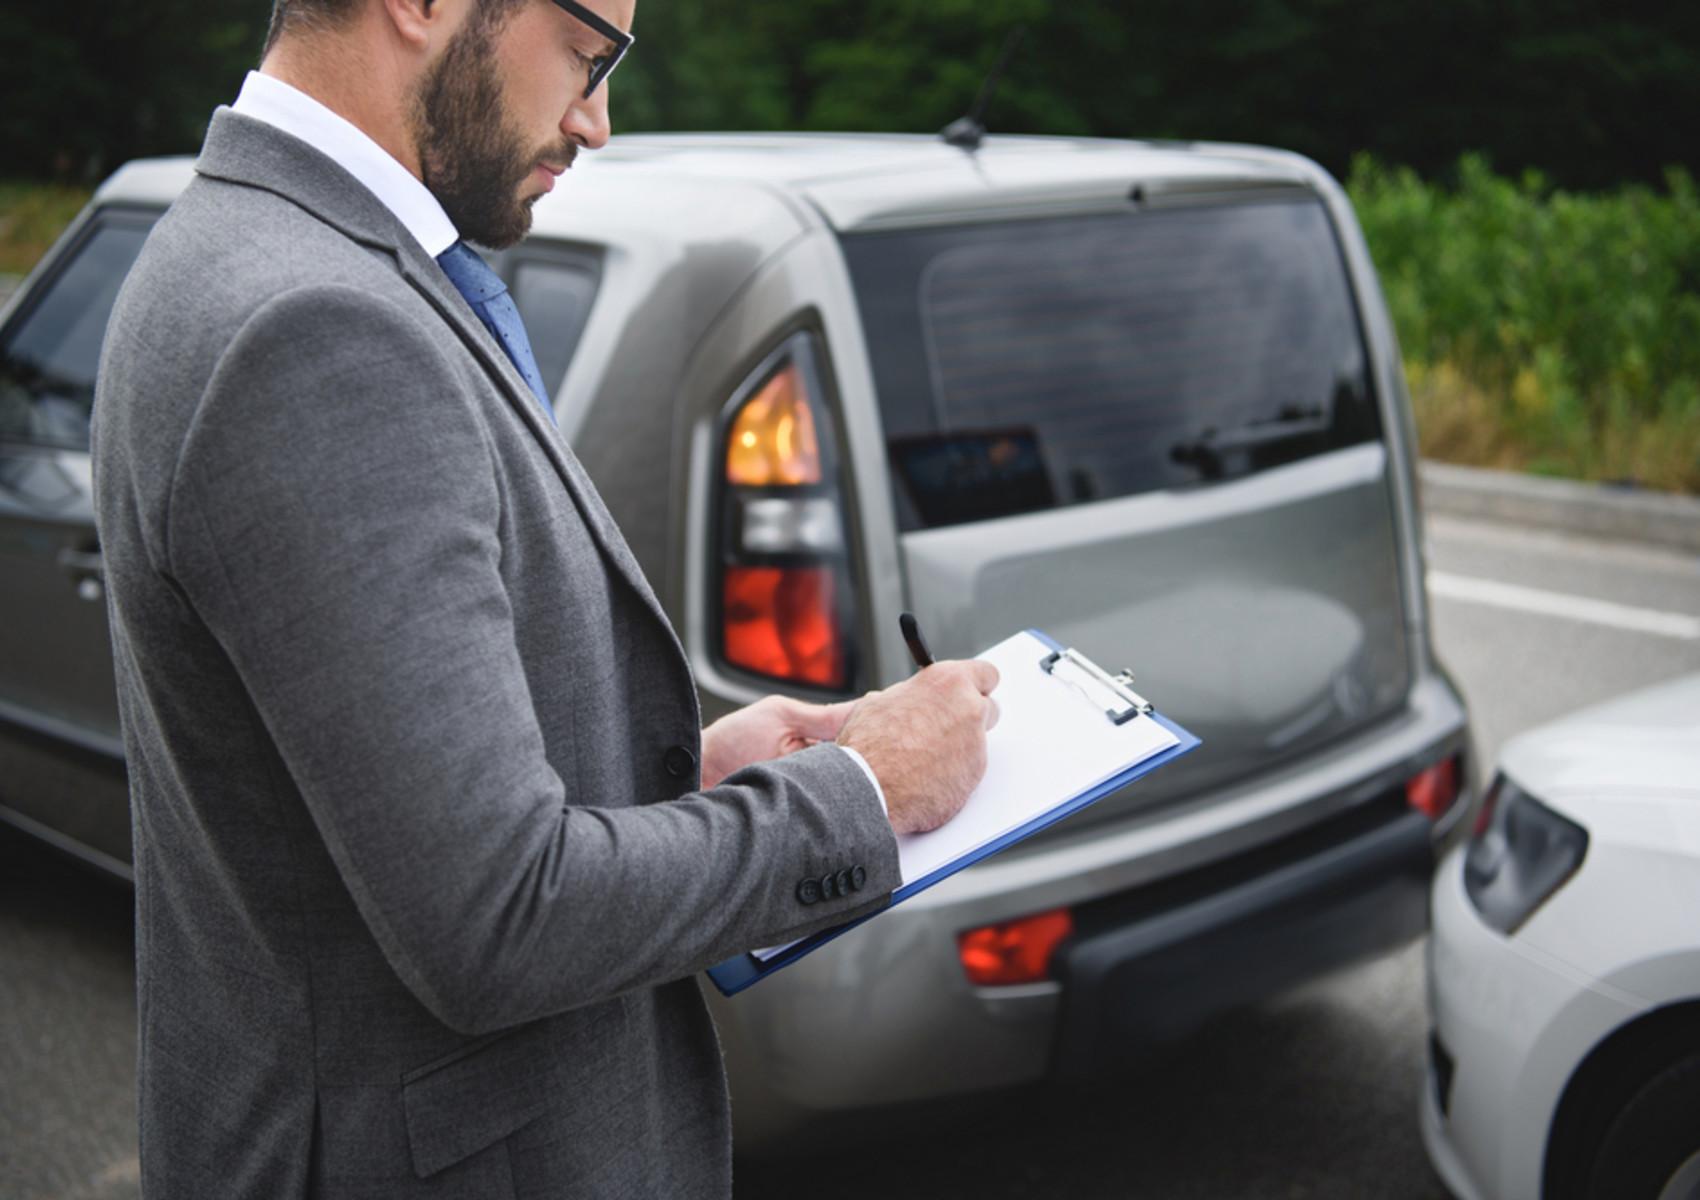 Le assicurazioni auto online più economiche